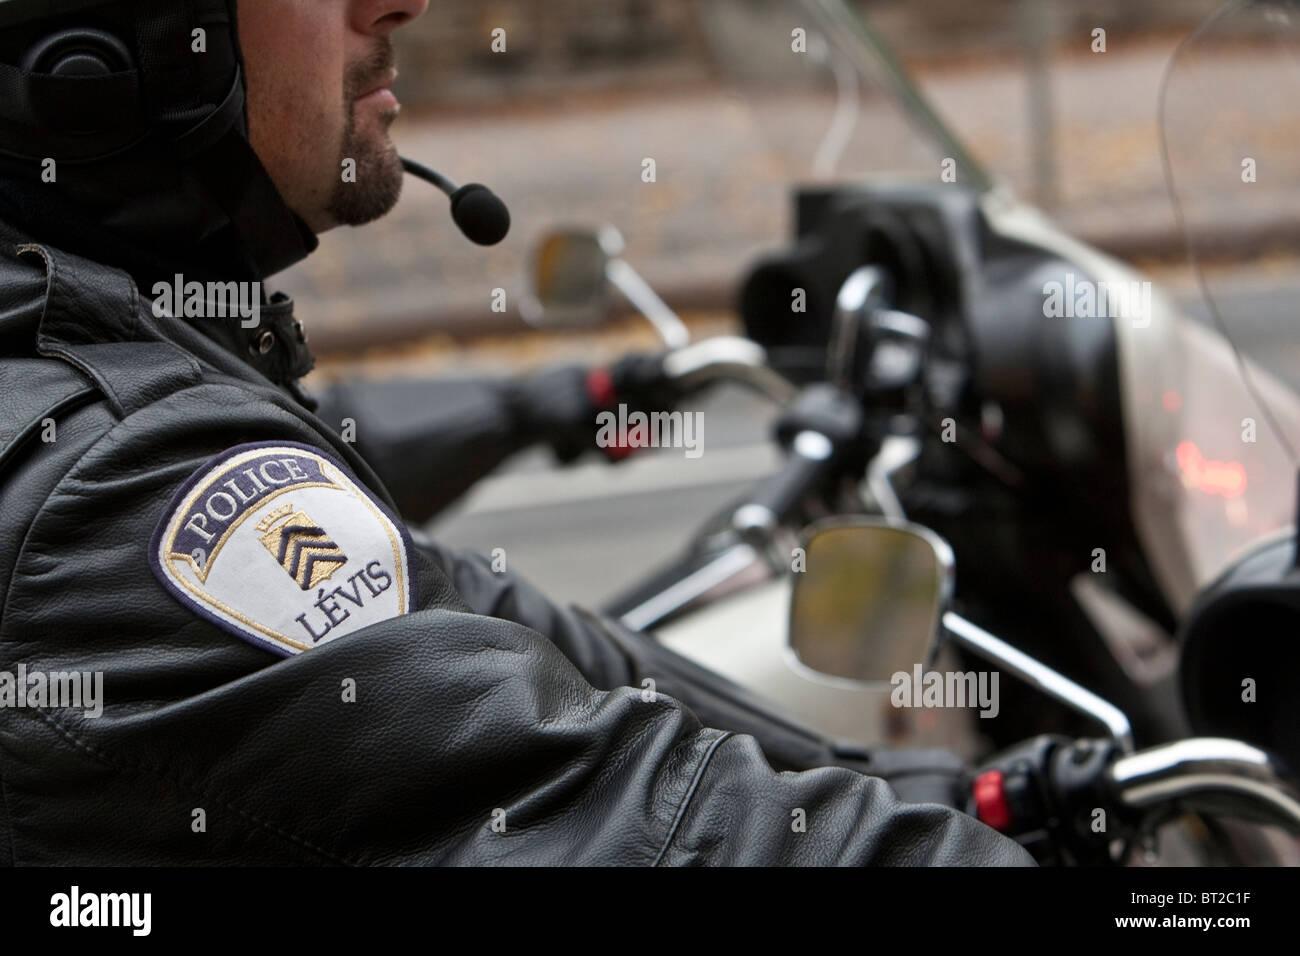 0fa2e5a8e61 ville-de-levis-motocicleta-de -la-policia-es-visto-durante-un-desfile-conmemorativo-de -la-policia-en-ottawa-domingo-26-de-septiembre-2010-bt2c1f.jpg